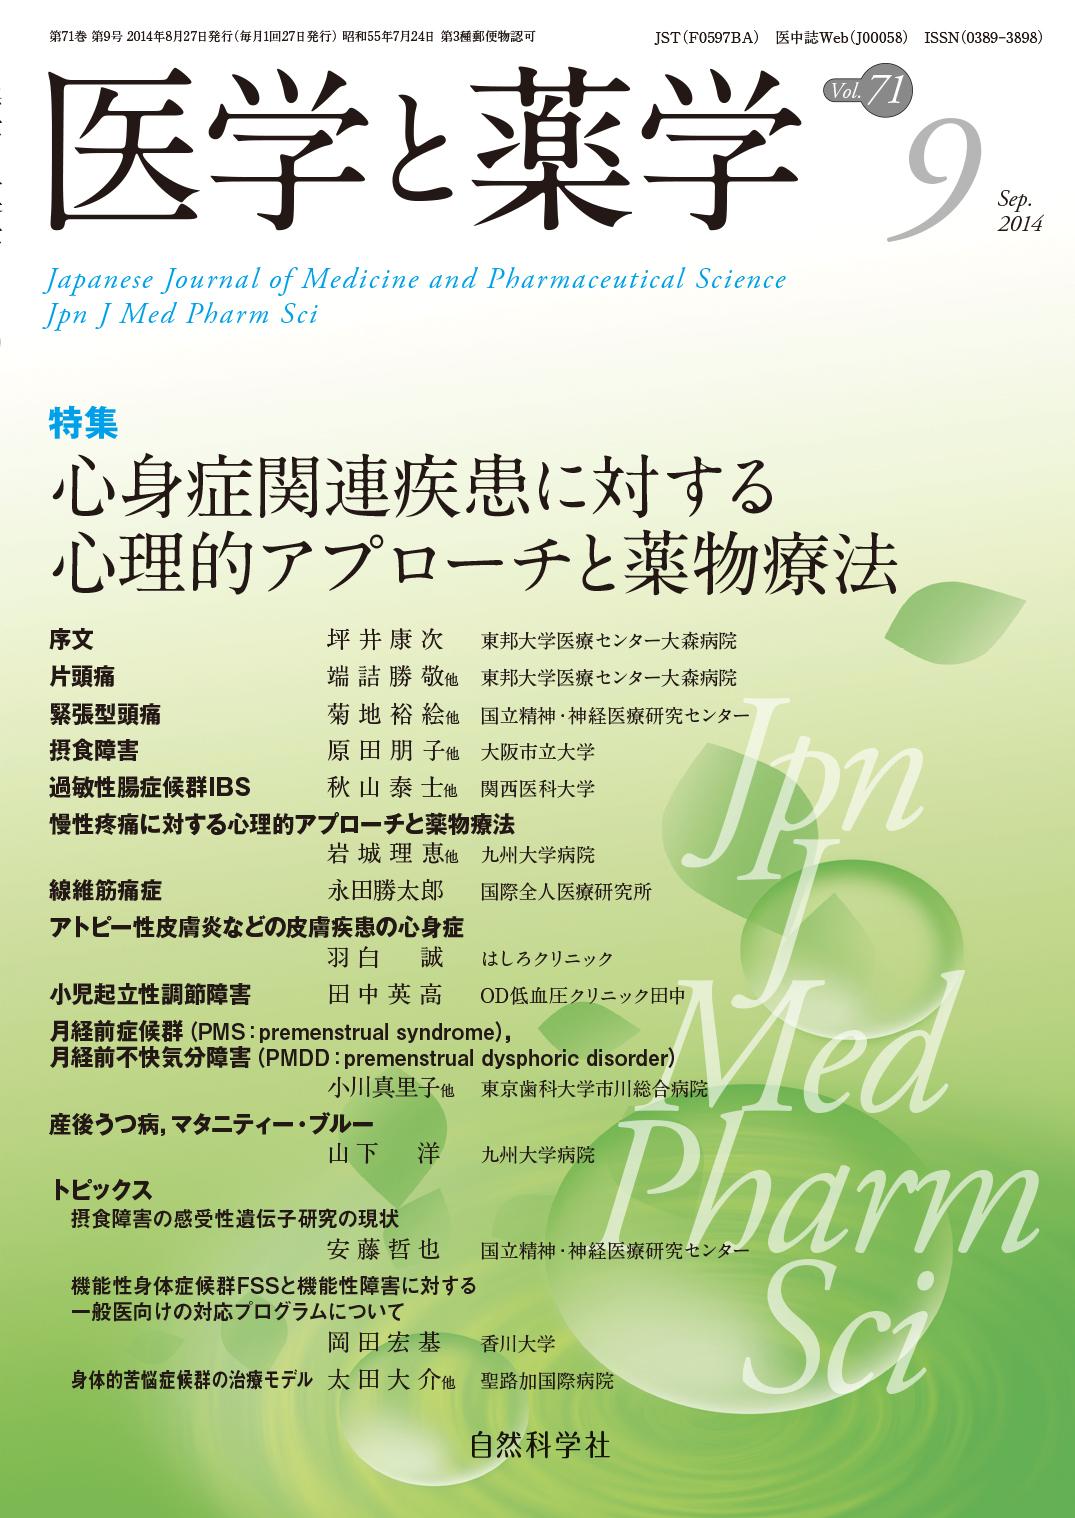 医学と薬学71巻9号2014年9月